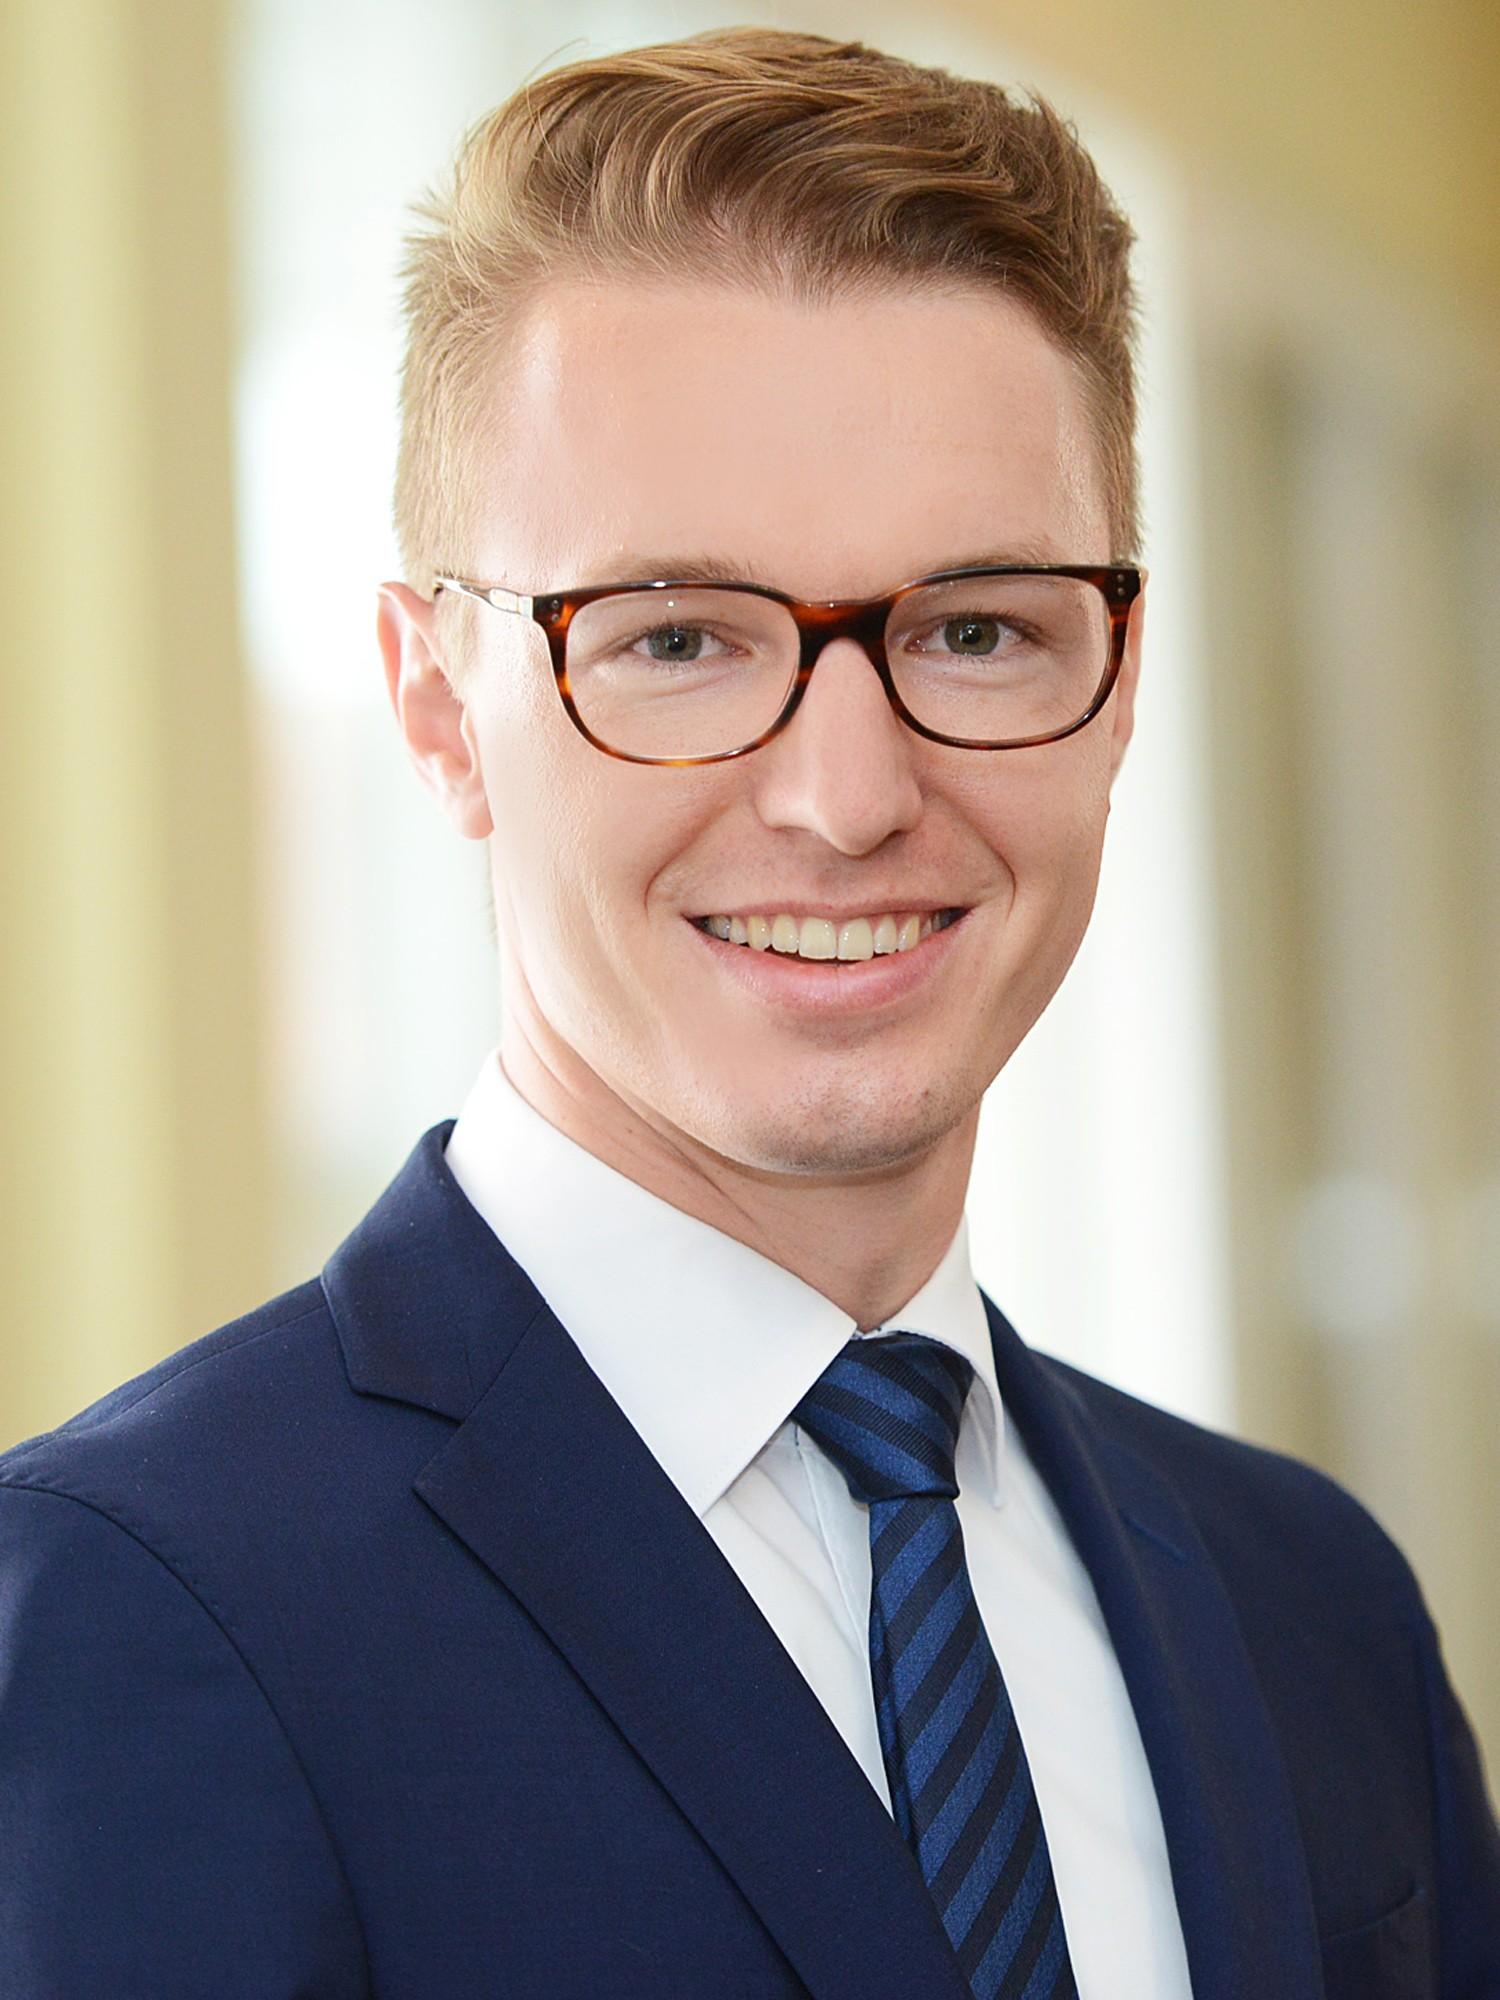 Christian Dethlefs